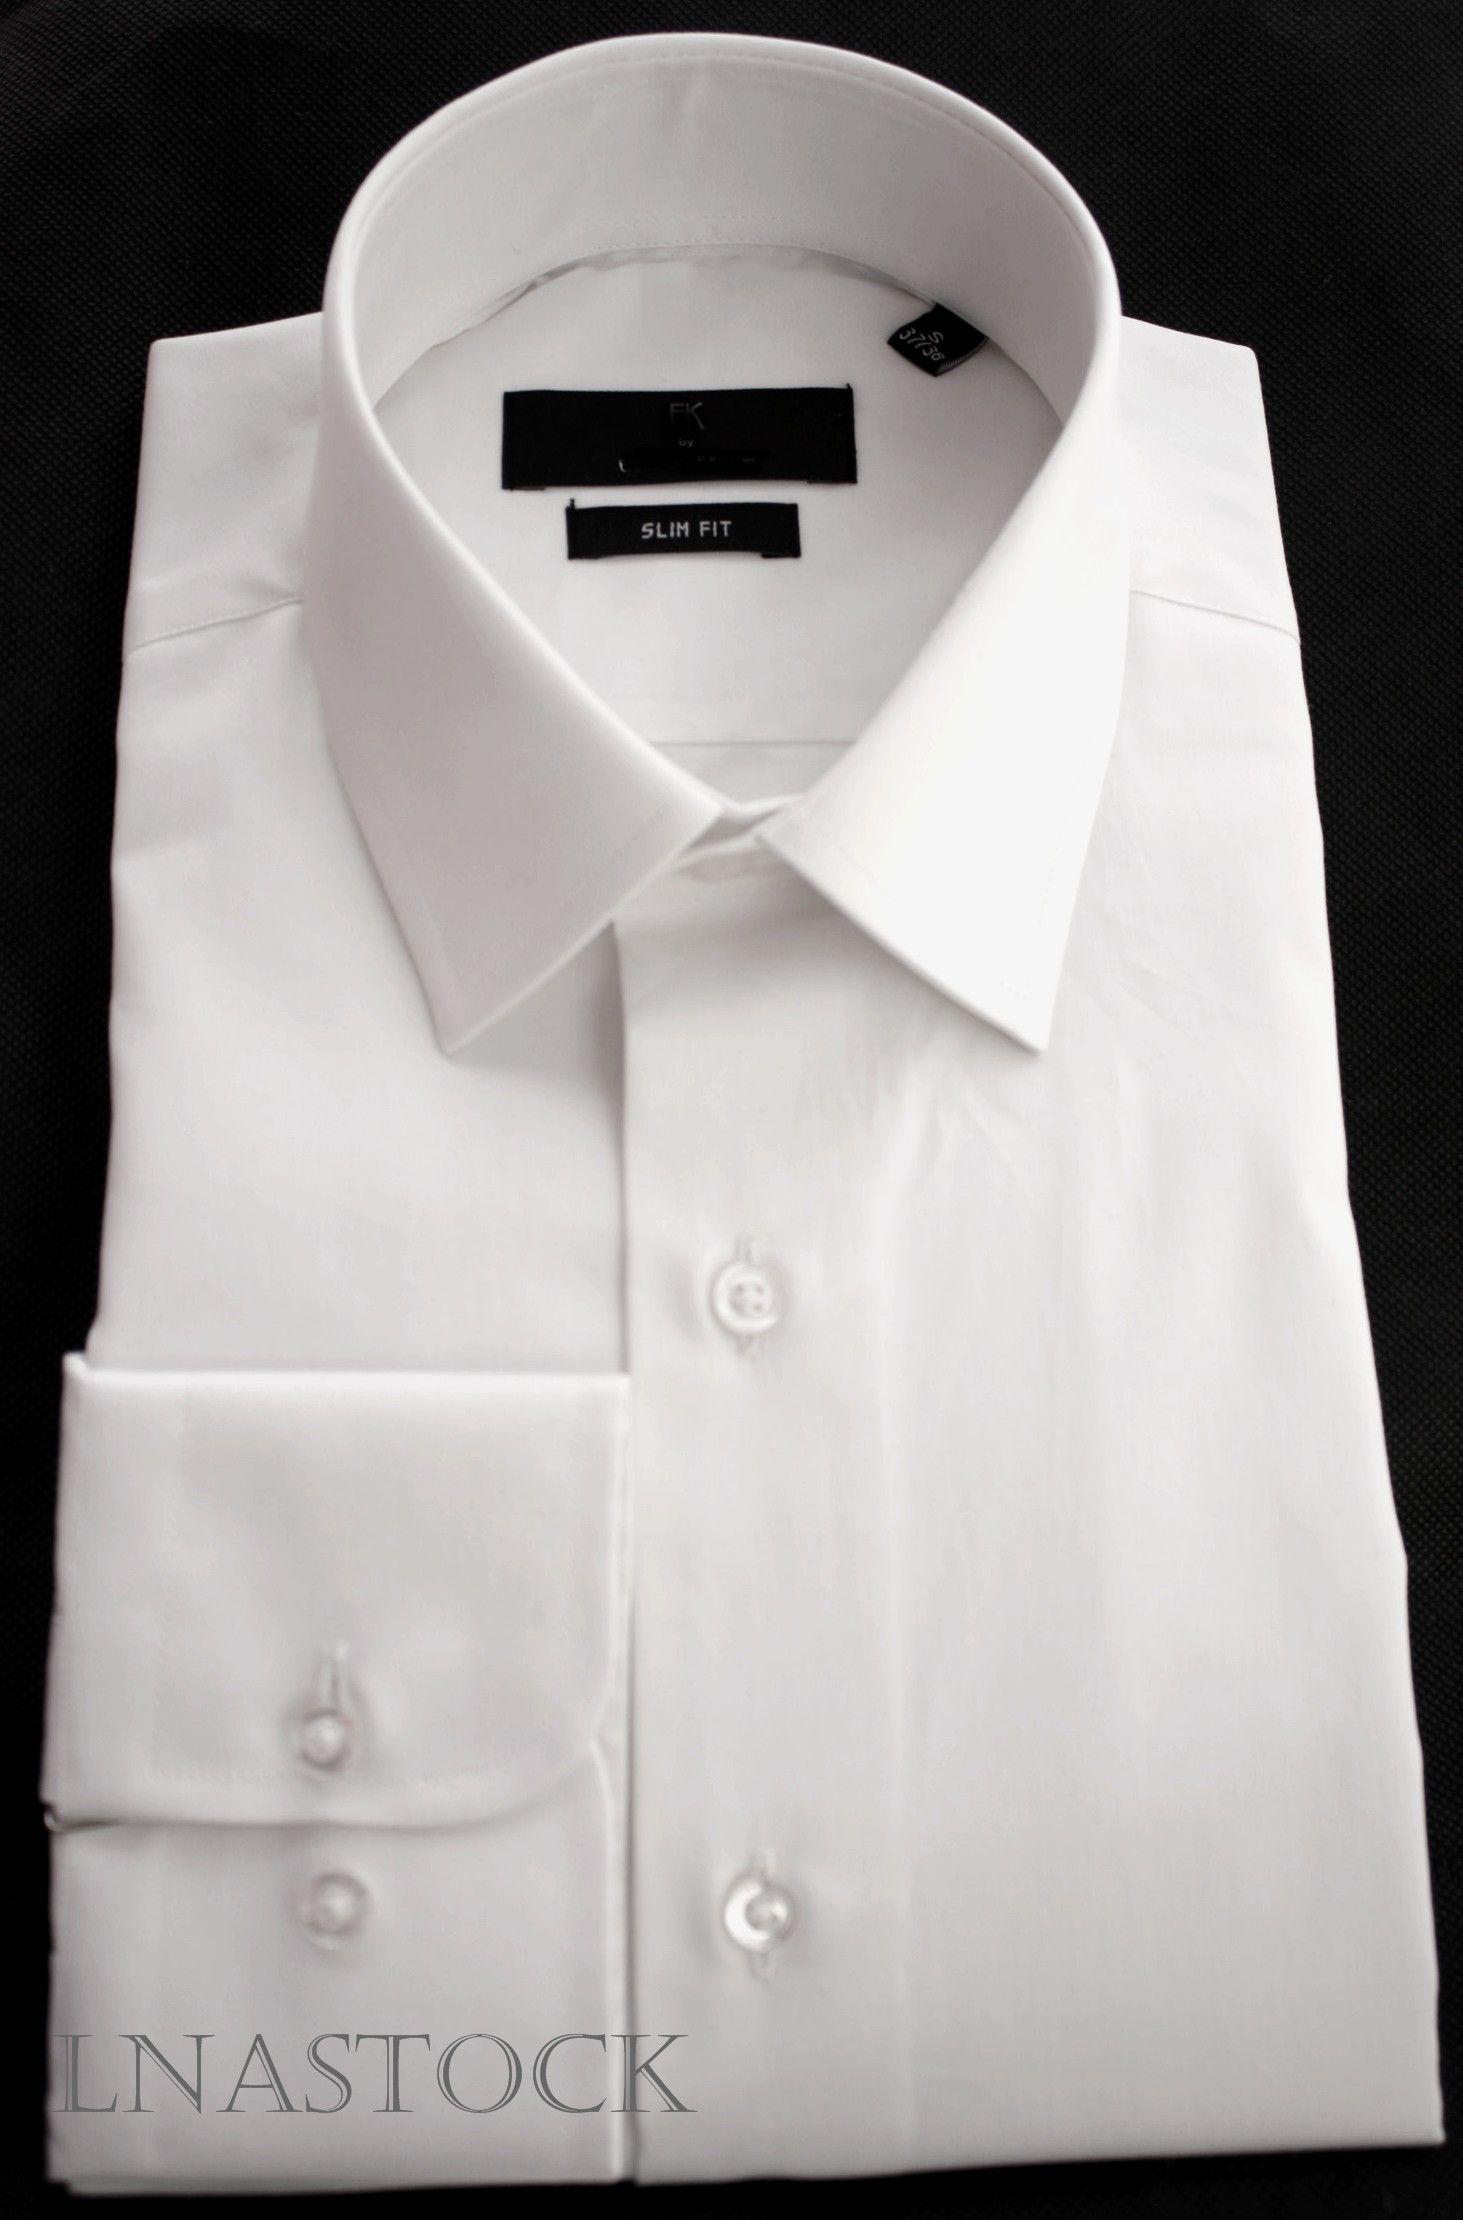 Chemise blanche cintrée pur coton - LNASTOCK   Les chemises blanches ... 506647495005